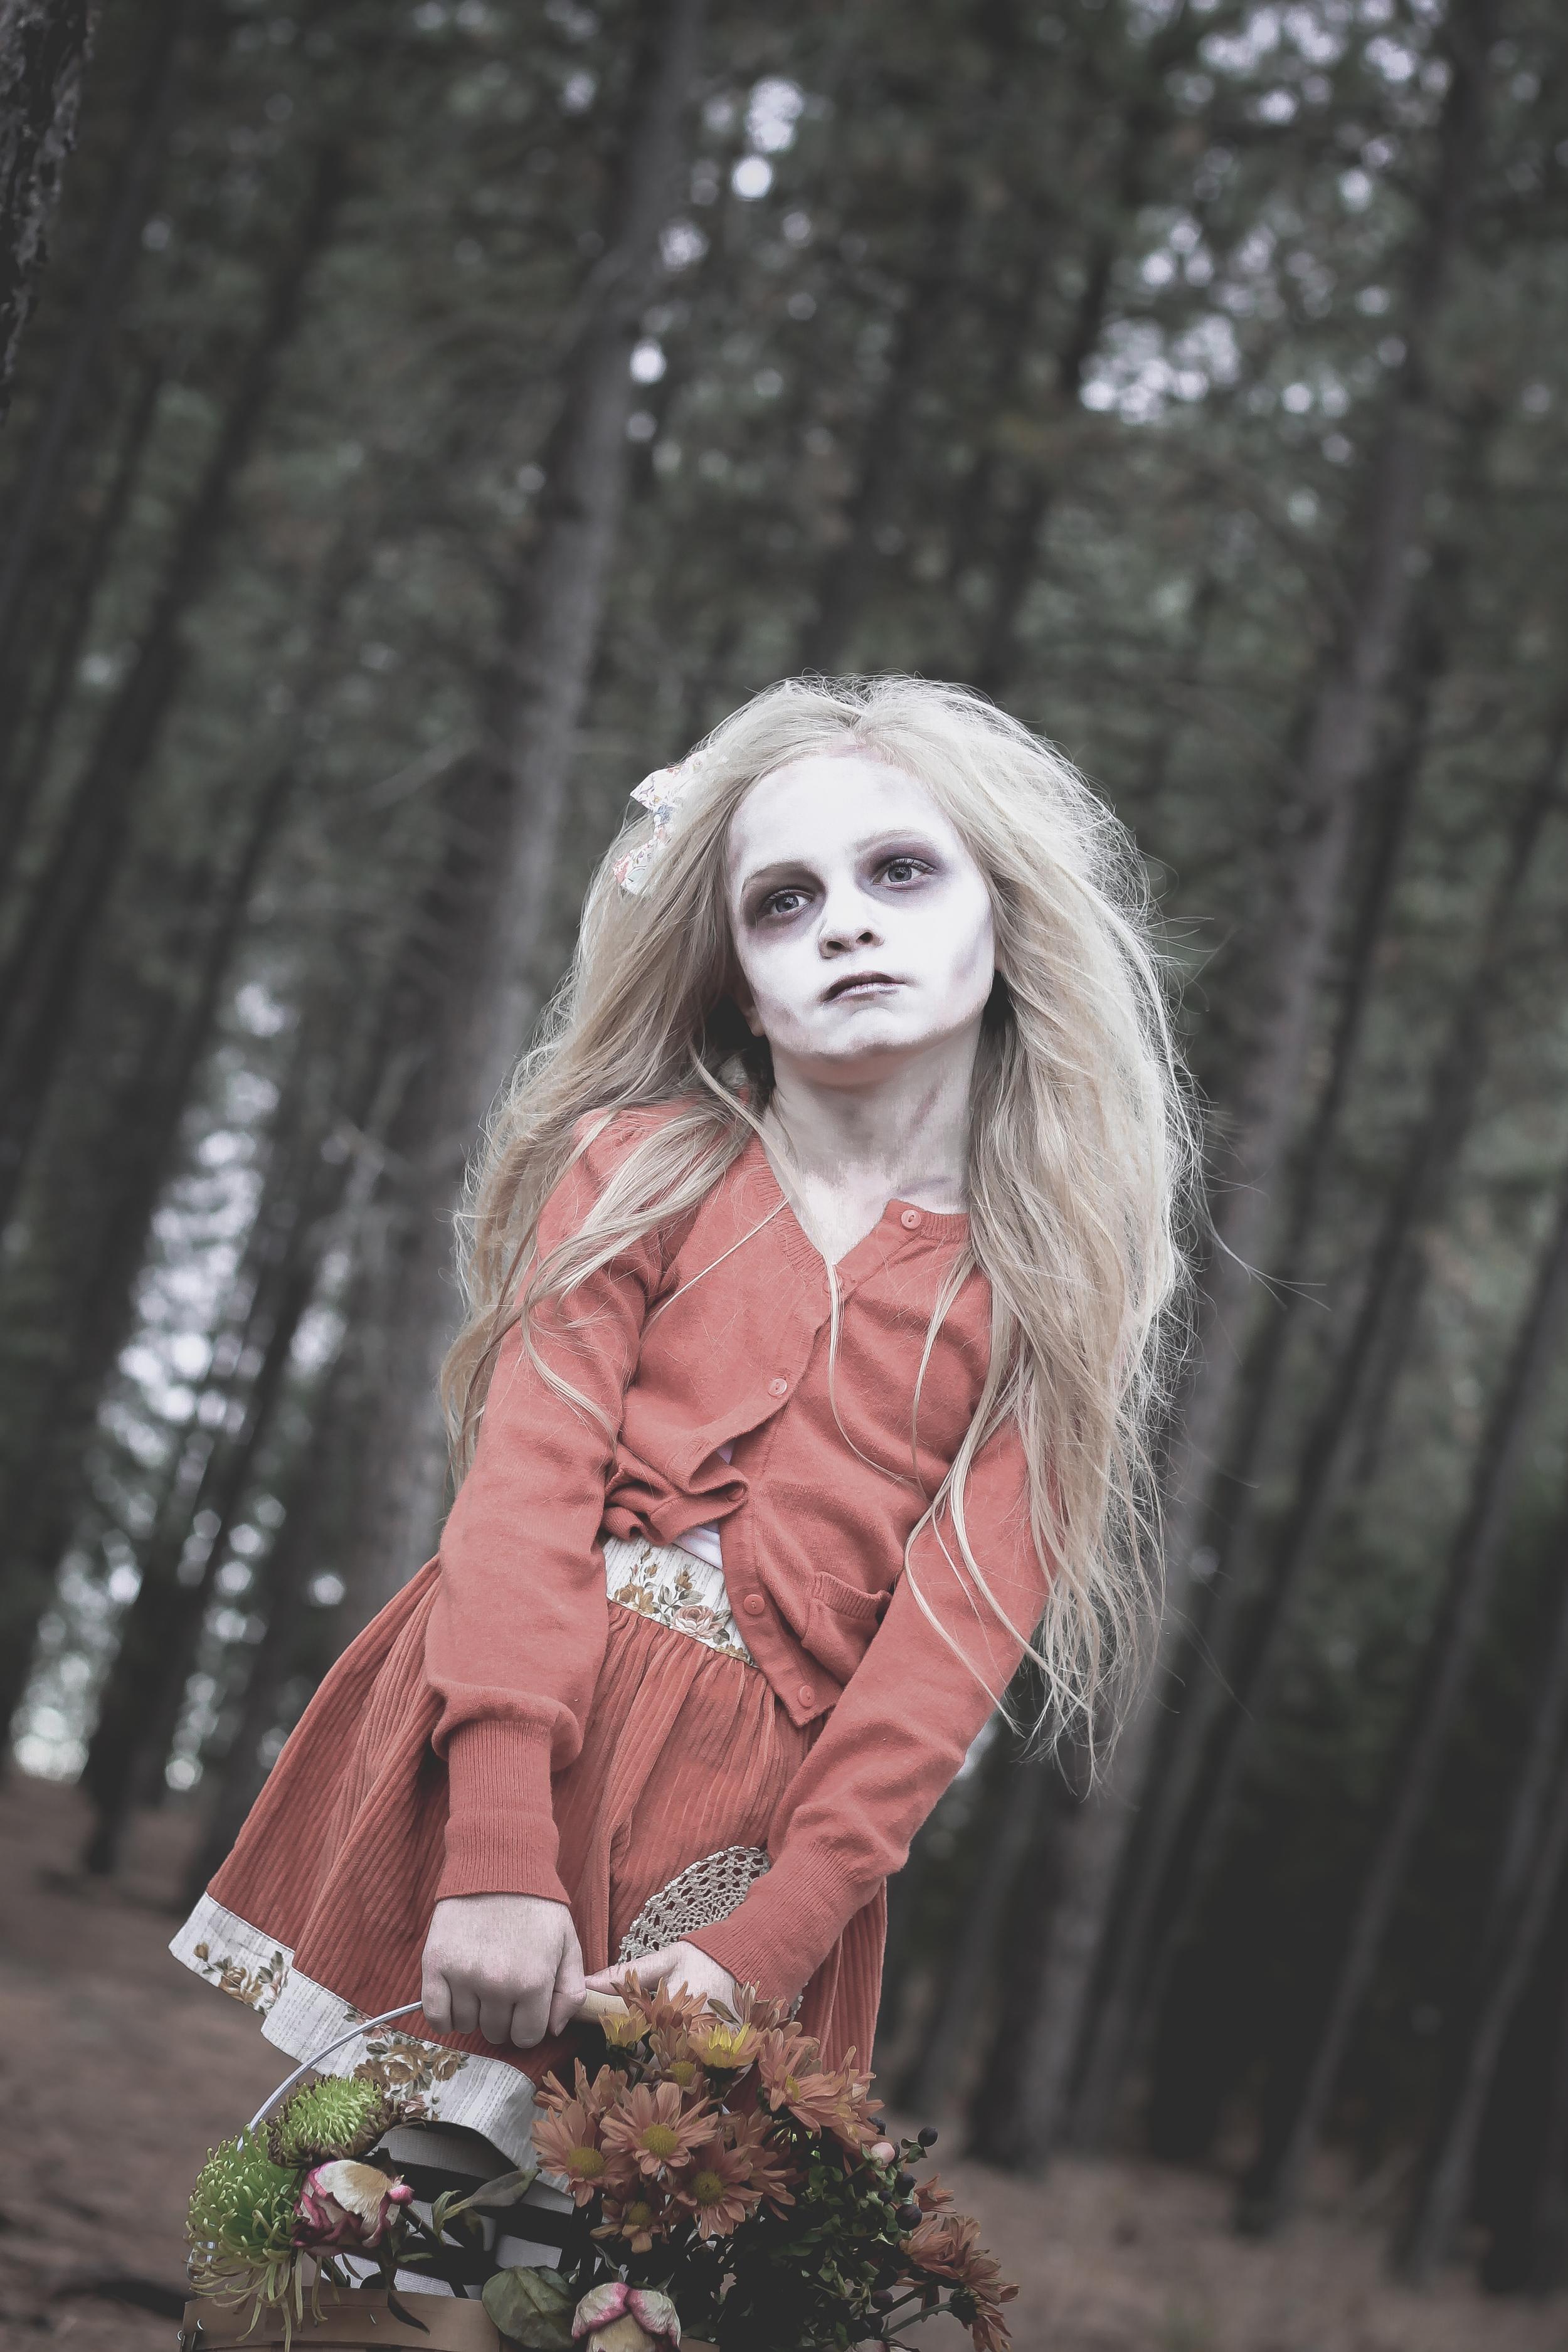 halloweenshoot2015-4.jpg